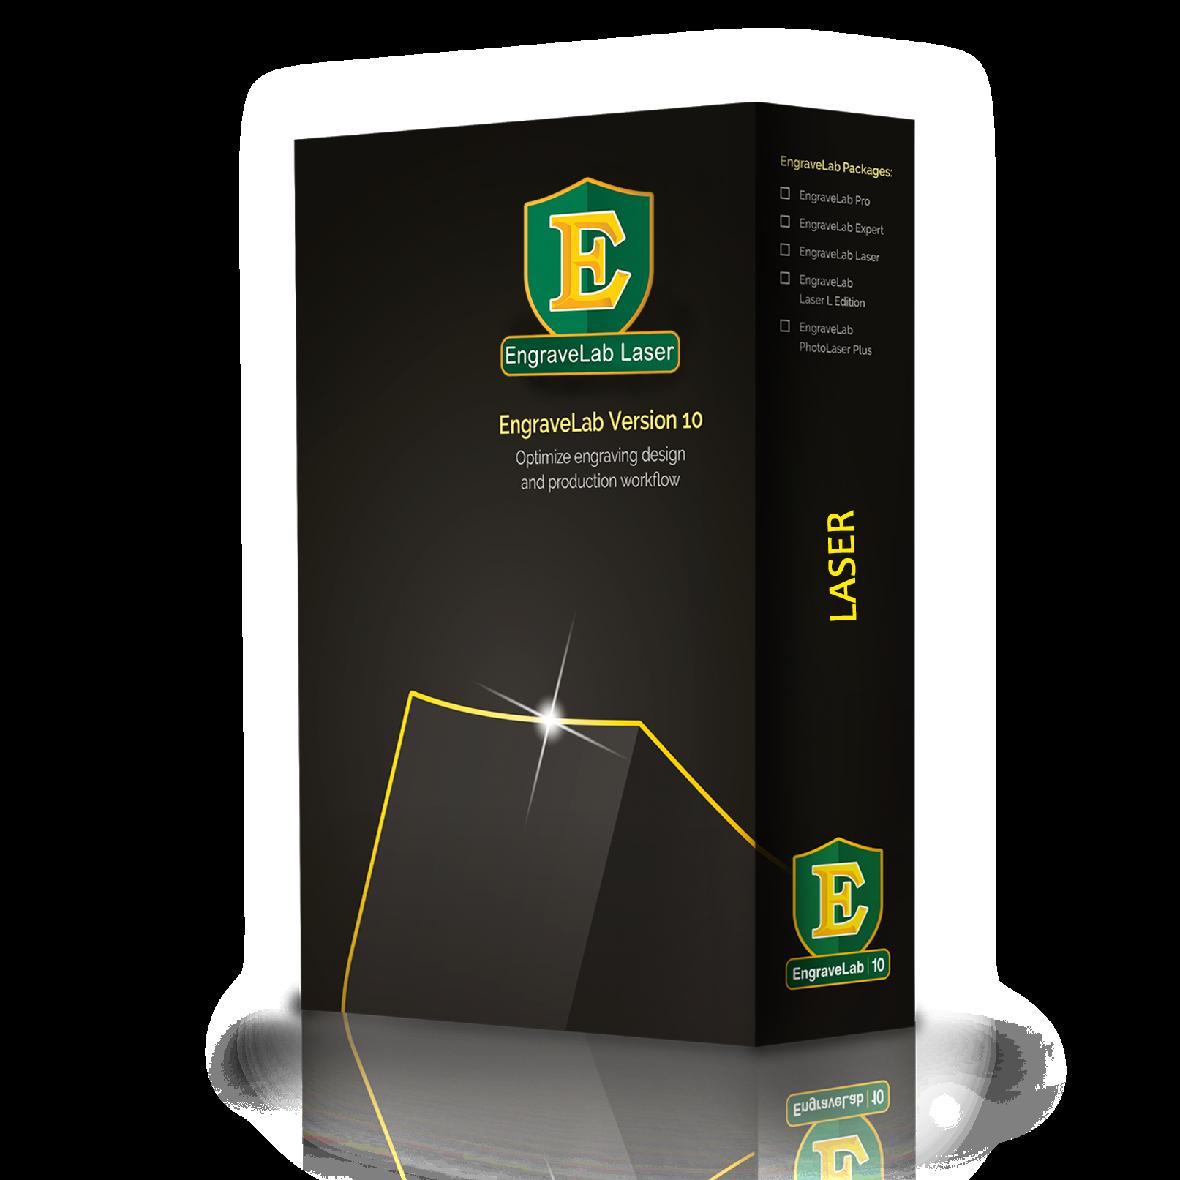 简单的绘图雕刻软件价格_正版绘图雕刻软件试用相关-济南派科信息技术有限公司